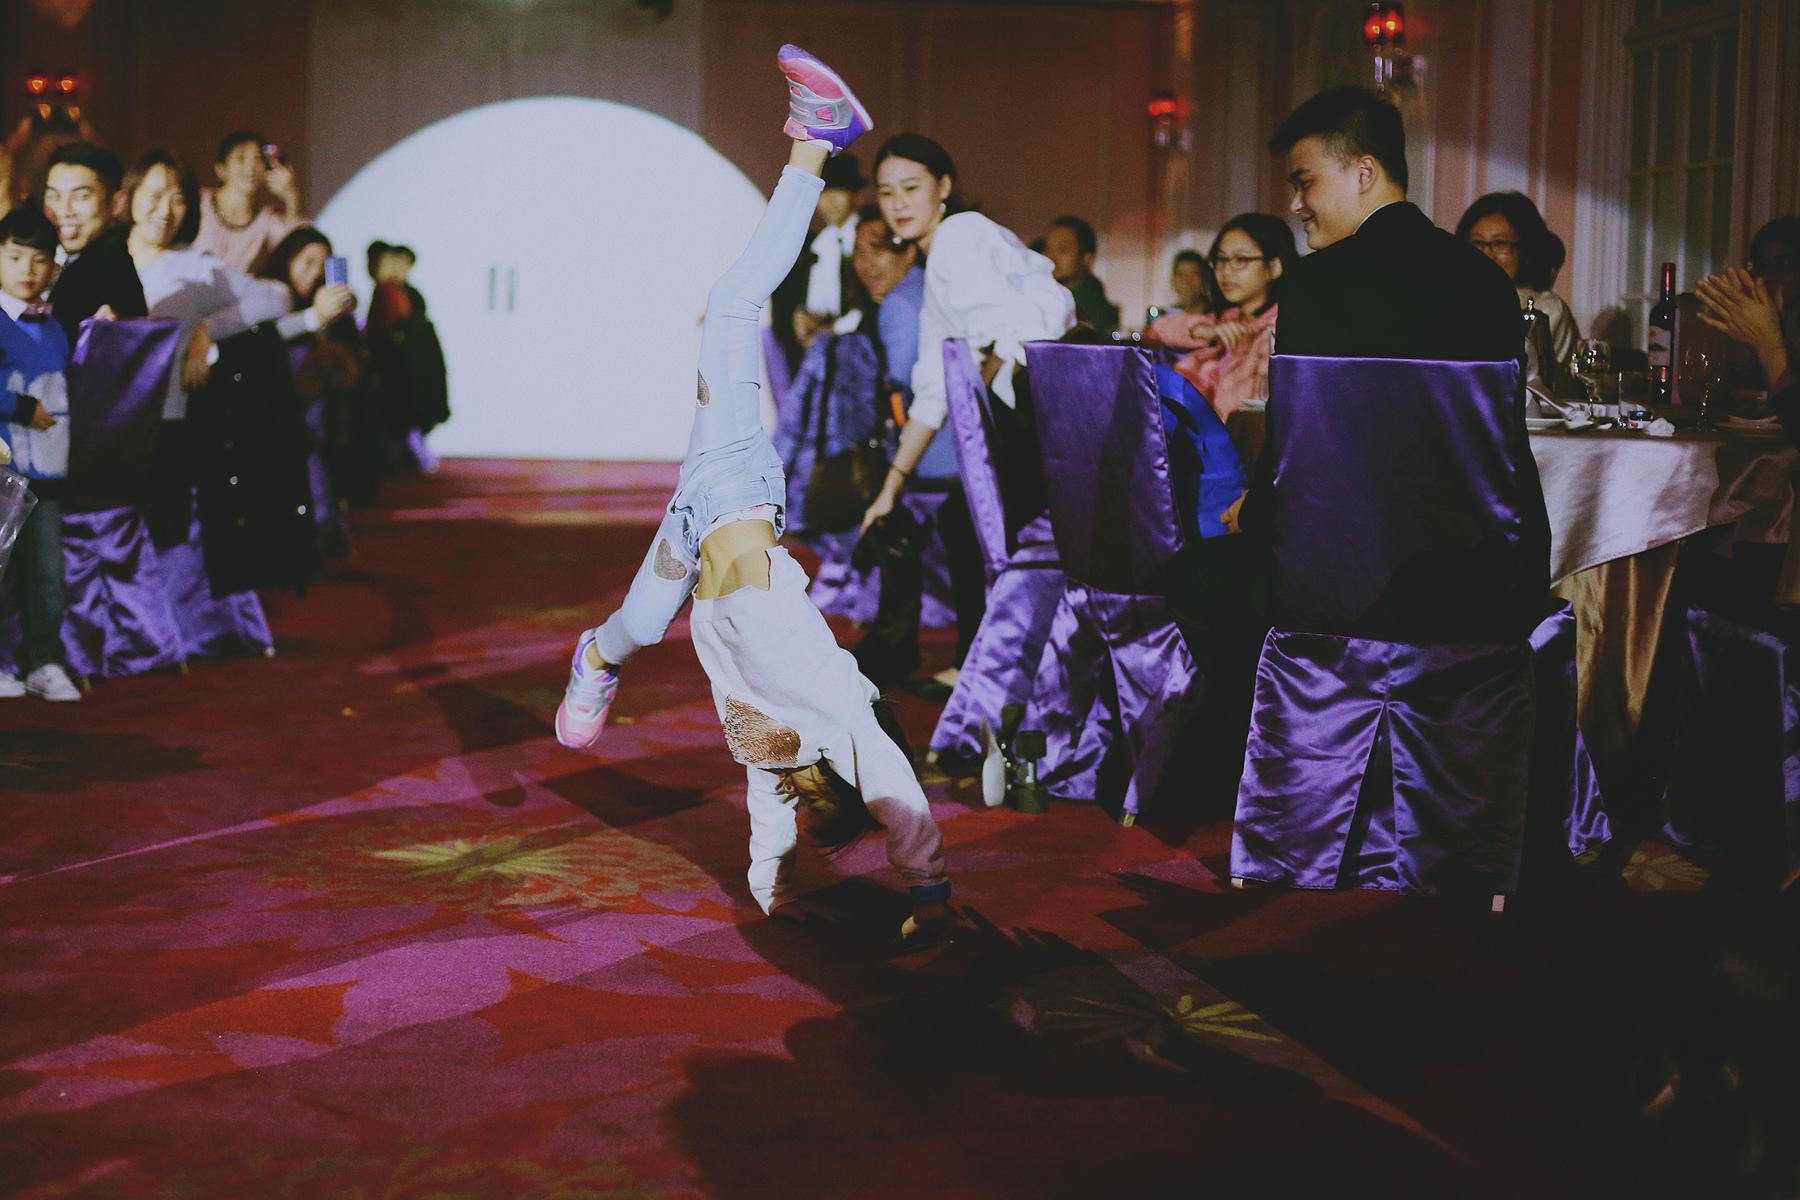 底片,婚禮攝影,婚禮攝影師推薦,台北,水源福利會館,婚禮紀錄